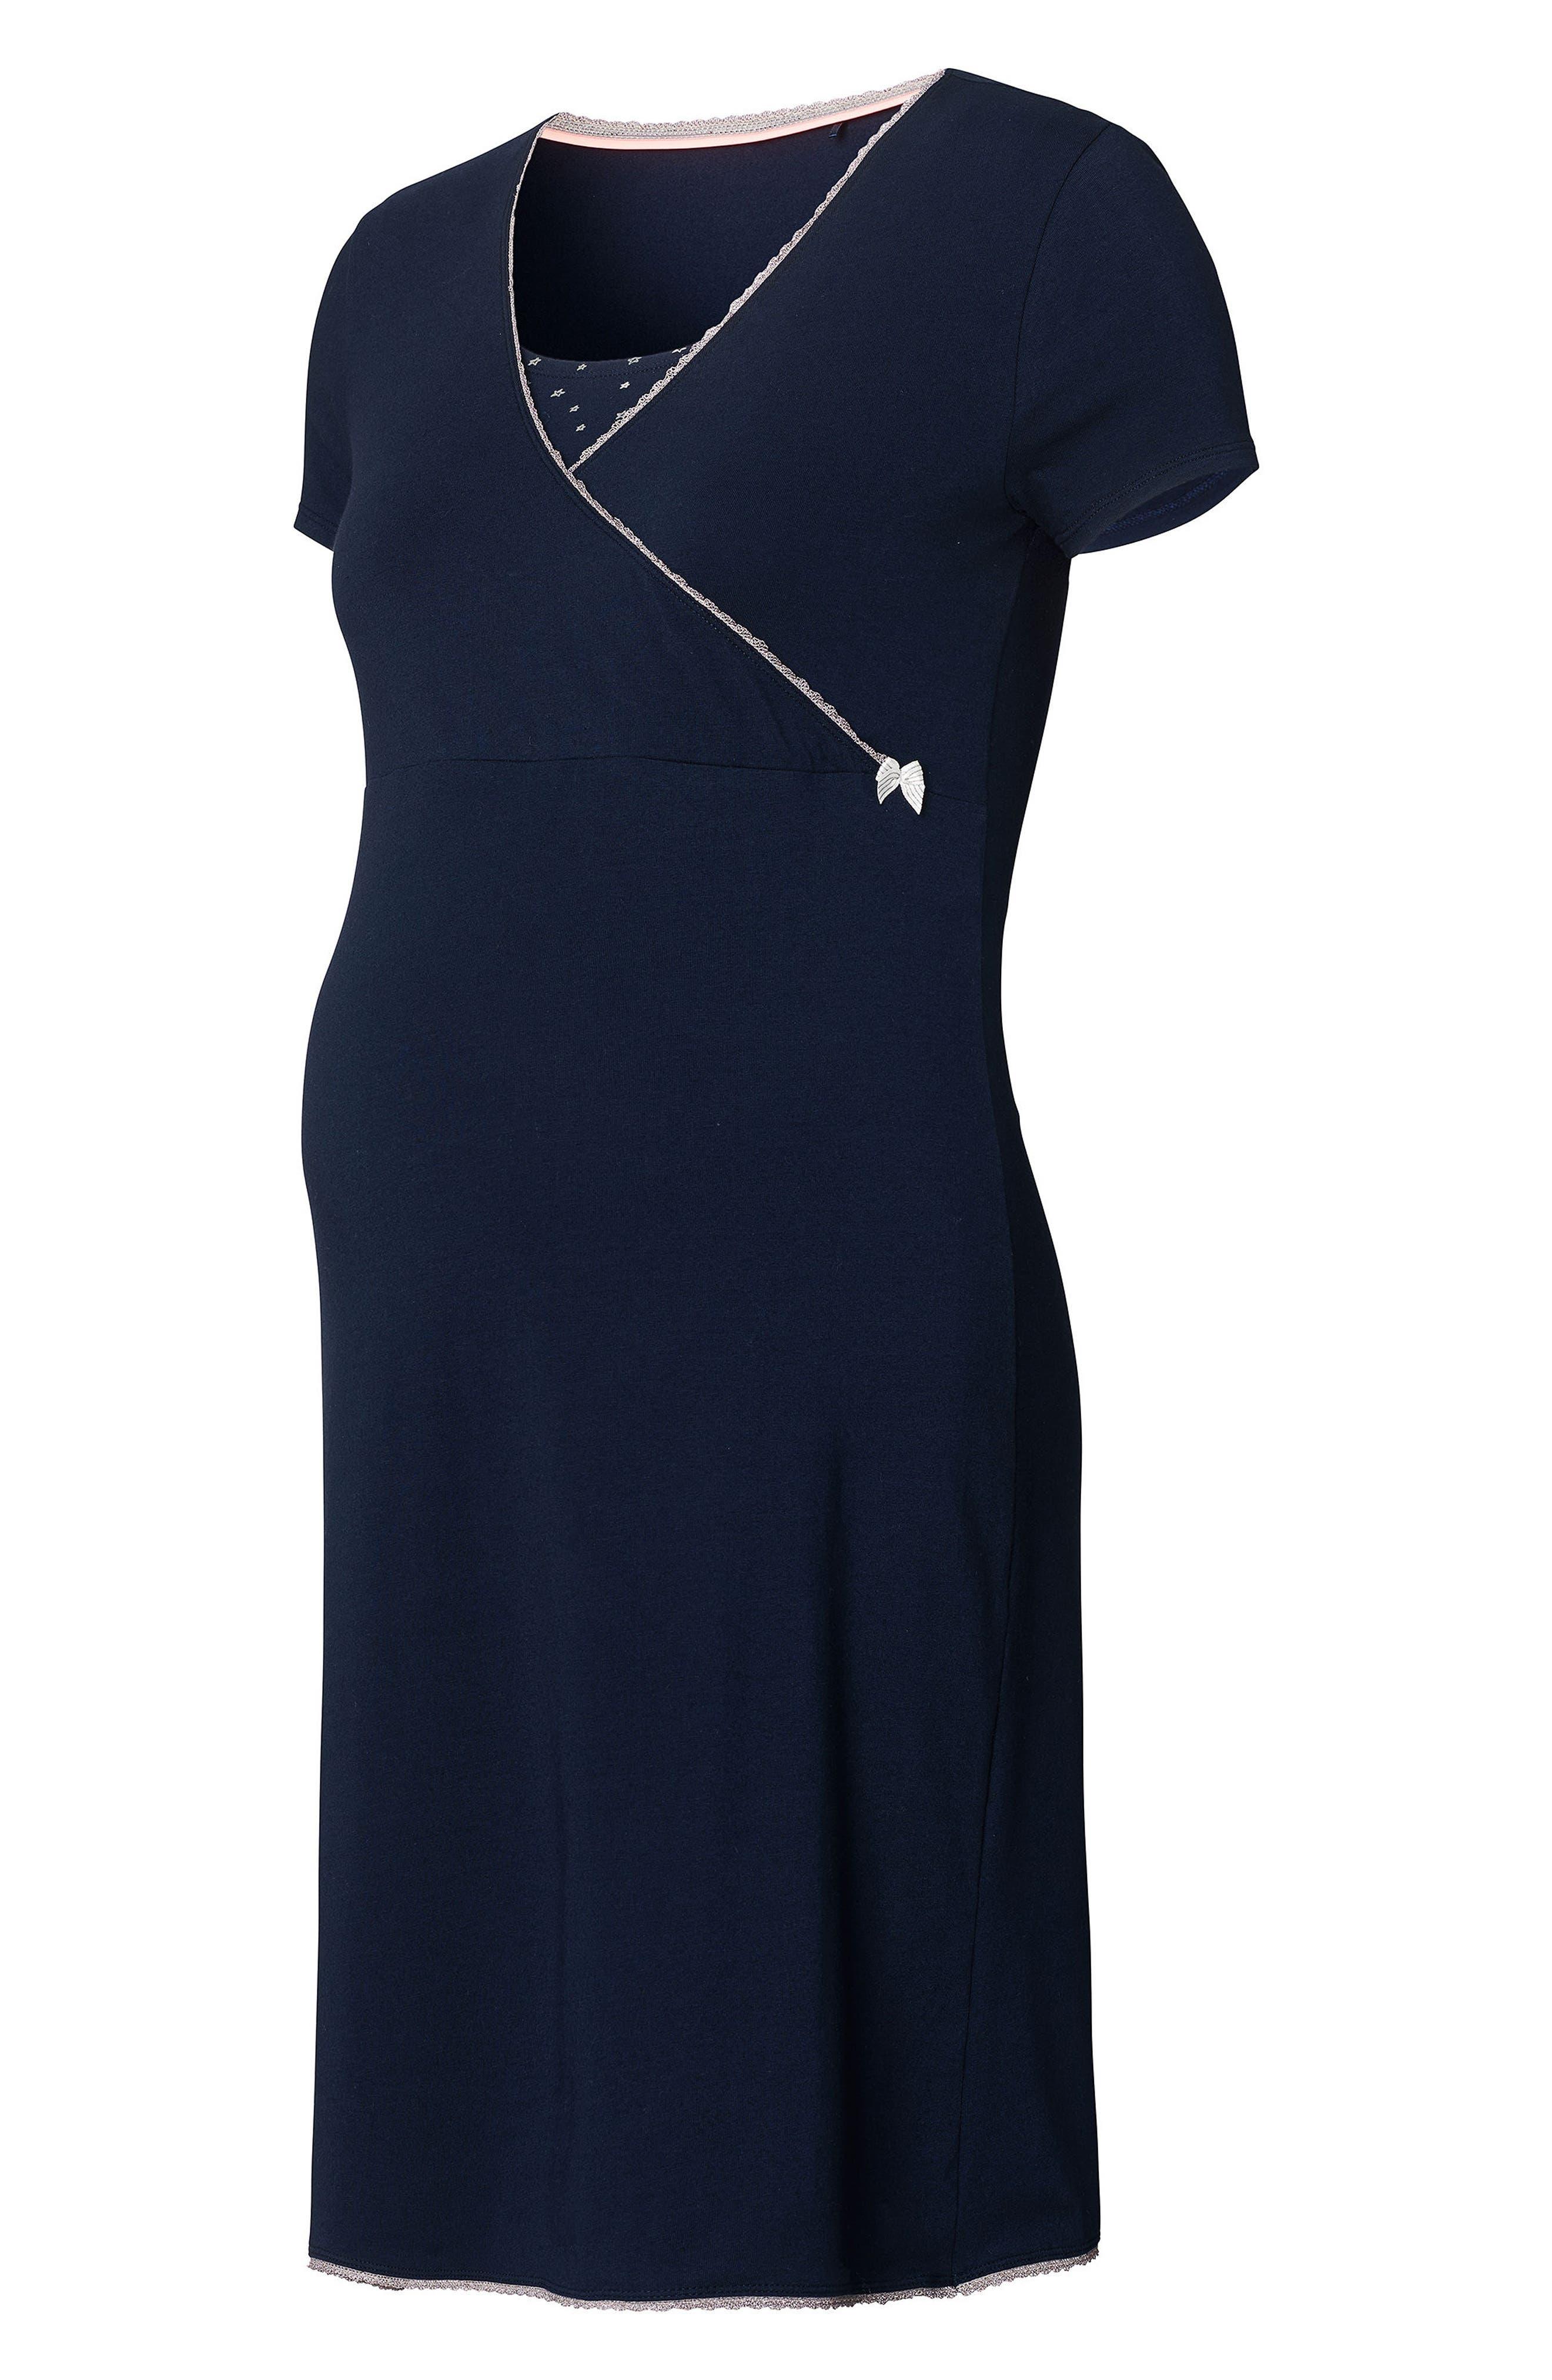 Alternate Image 3  - Noppies Kimm Maternity/Nursing Jersey Dress